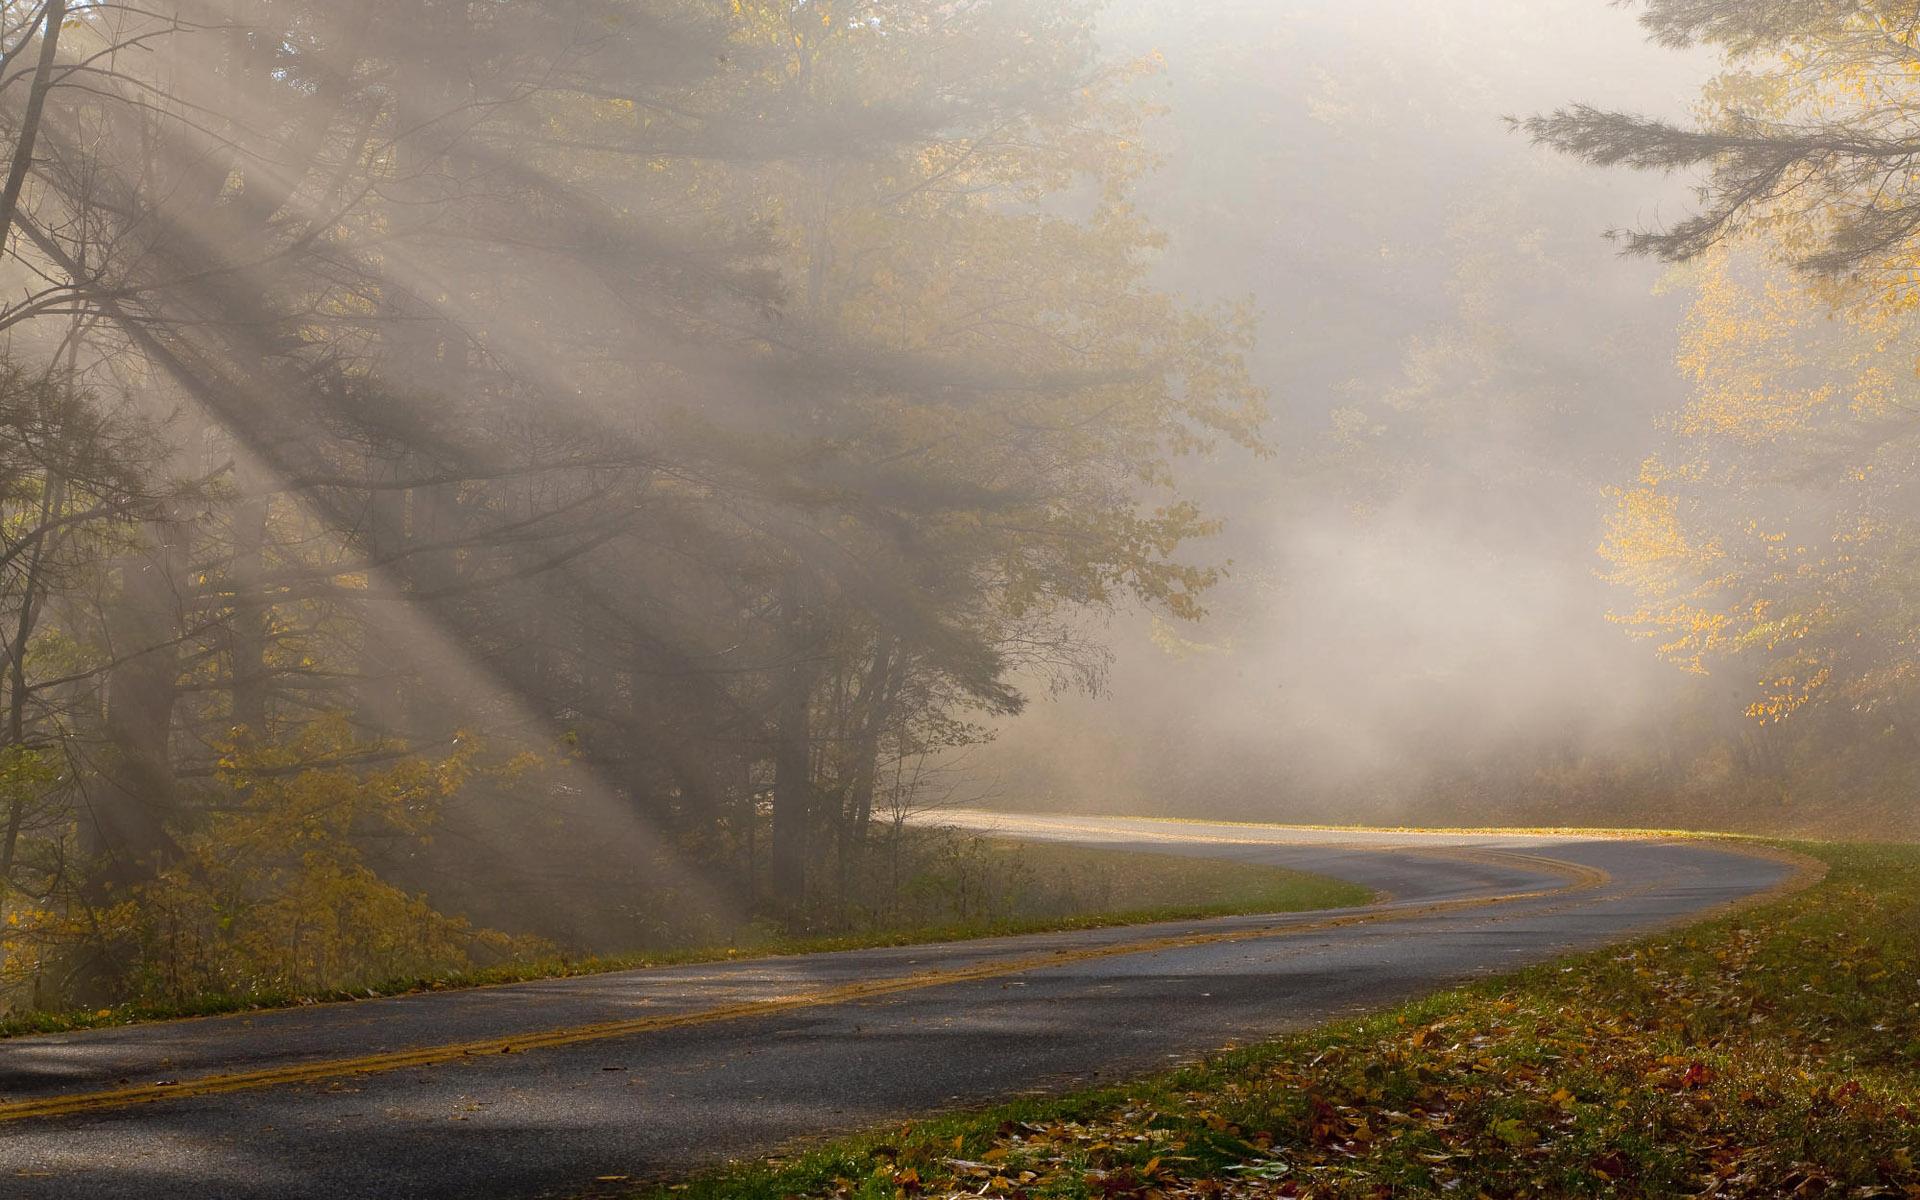 Forest Foggy Road Hd Desktop Wallpapers 4k Hd